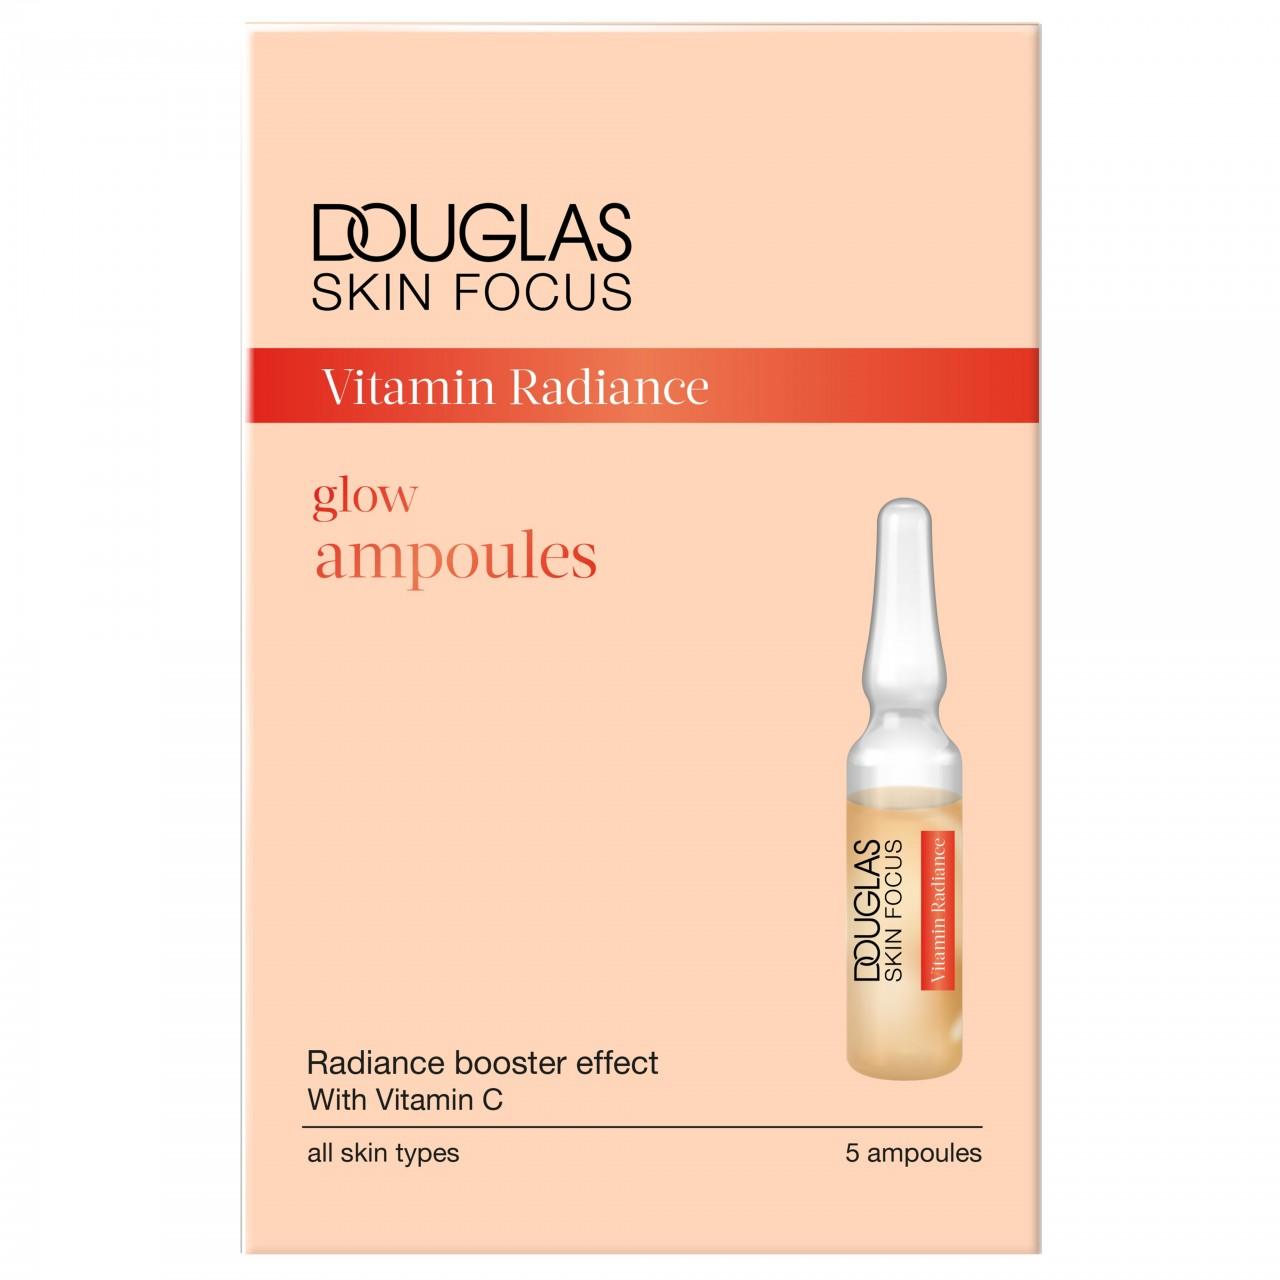 Douglas Focus Glow Ampoules